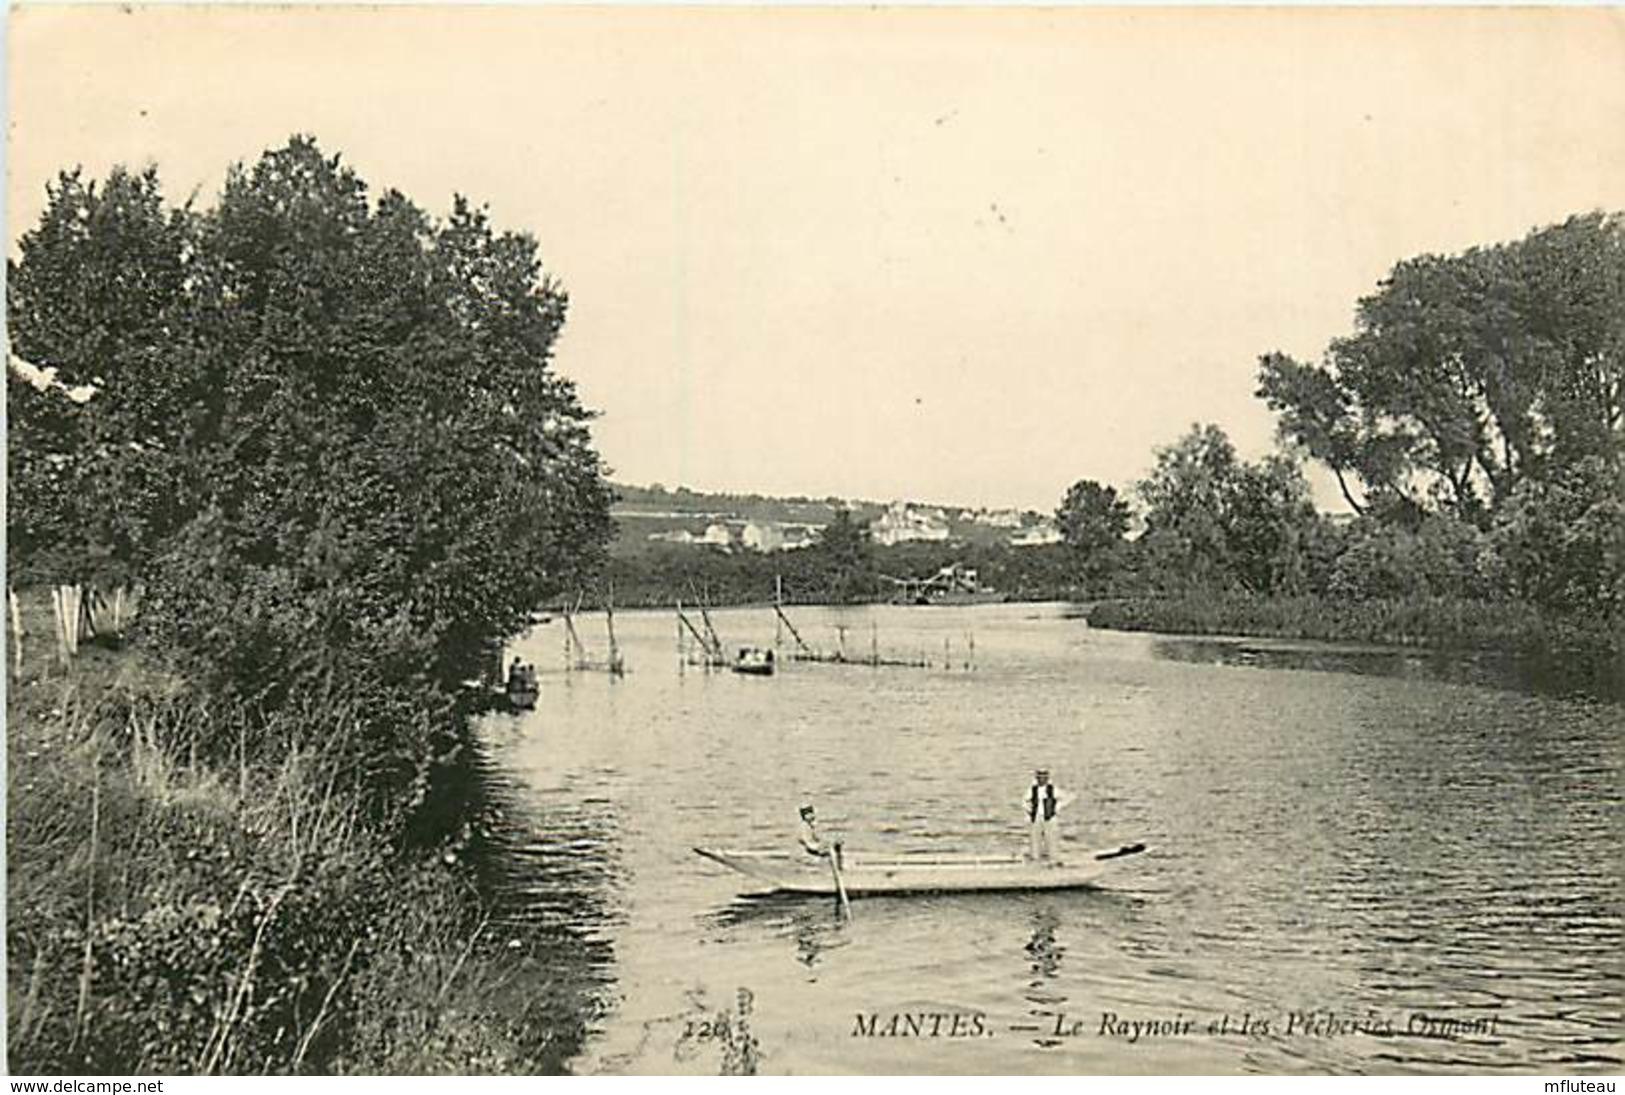 78* MANTES Le Raynoir  - Pecherie Osmont          MA81.470 - Mantes La Ville